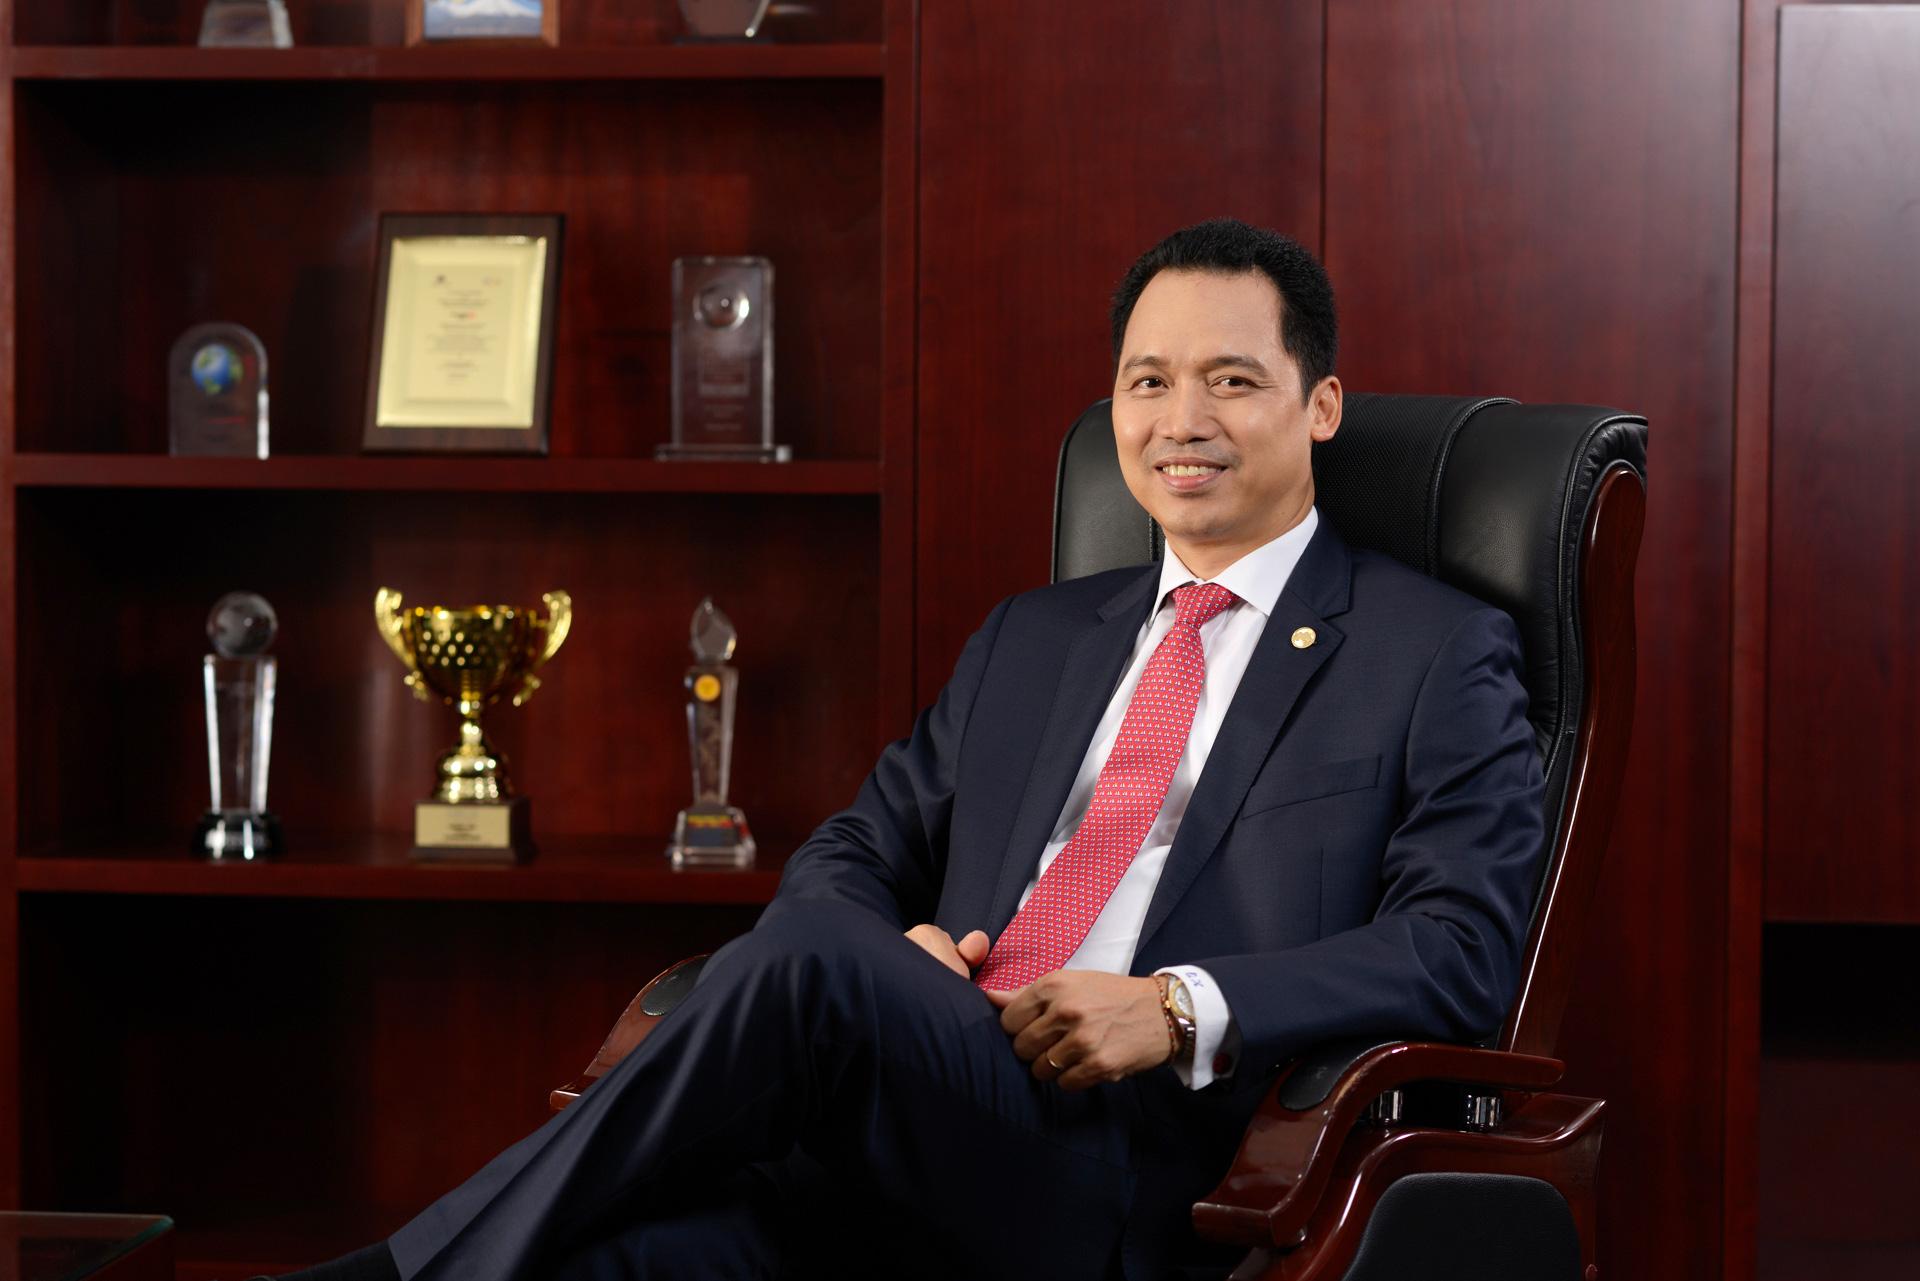 MSB bổ nhiệm hai nhân sự cấp cao vị trí Phó Chủ tịch thường trực HĐQT và Tổng Giám đốc - Ảnh 1.